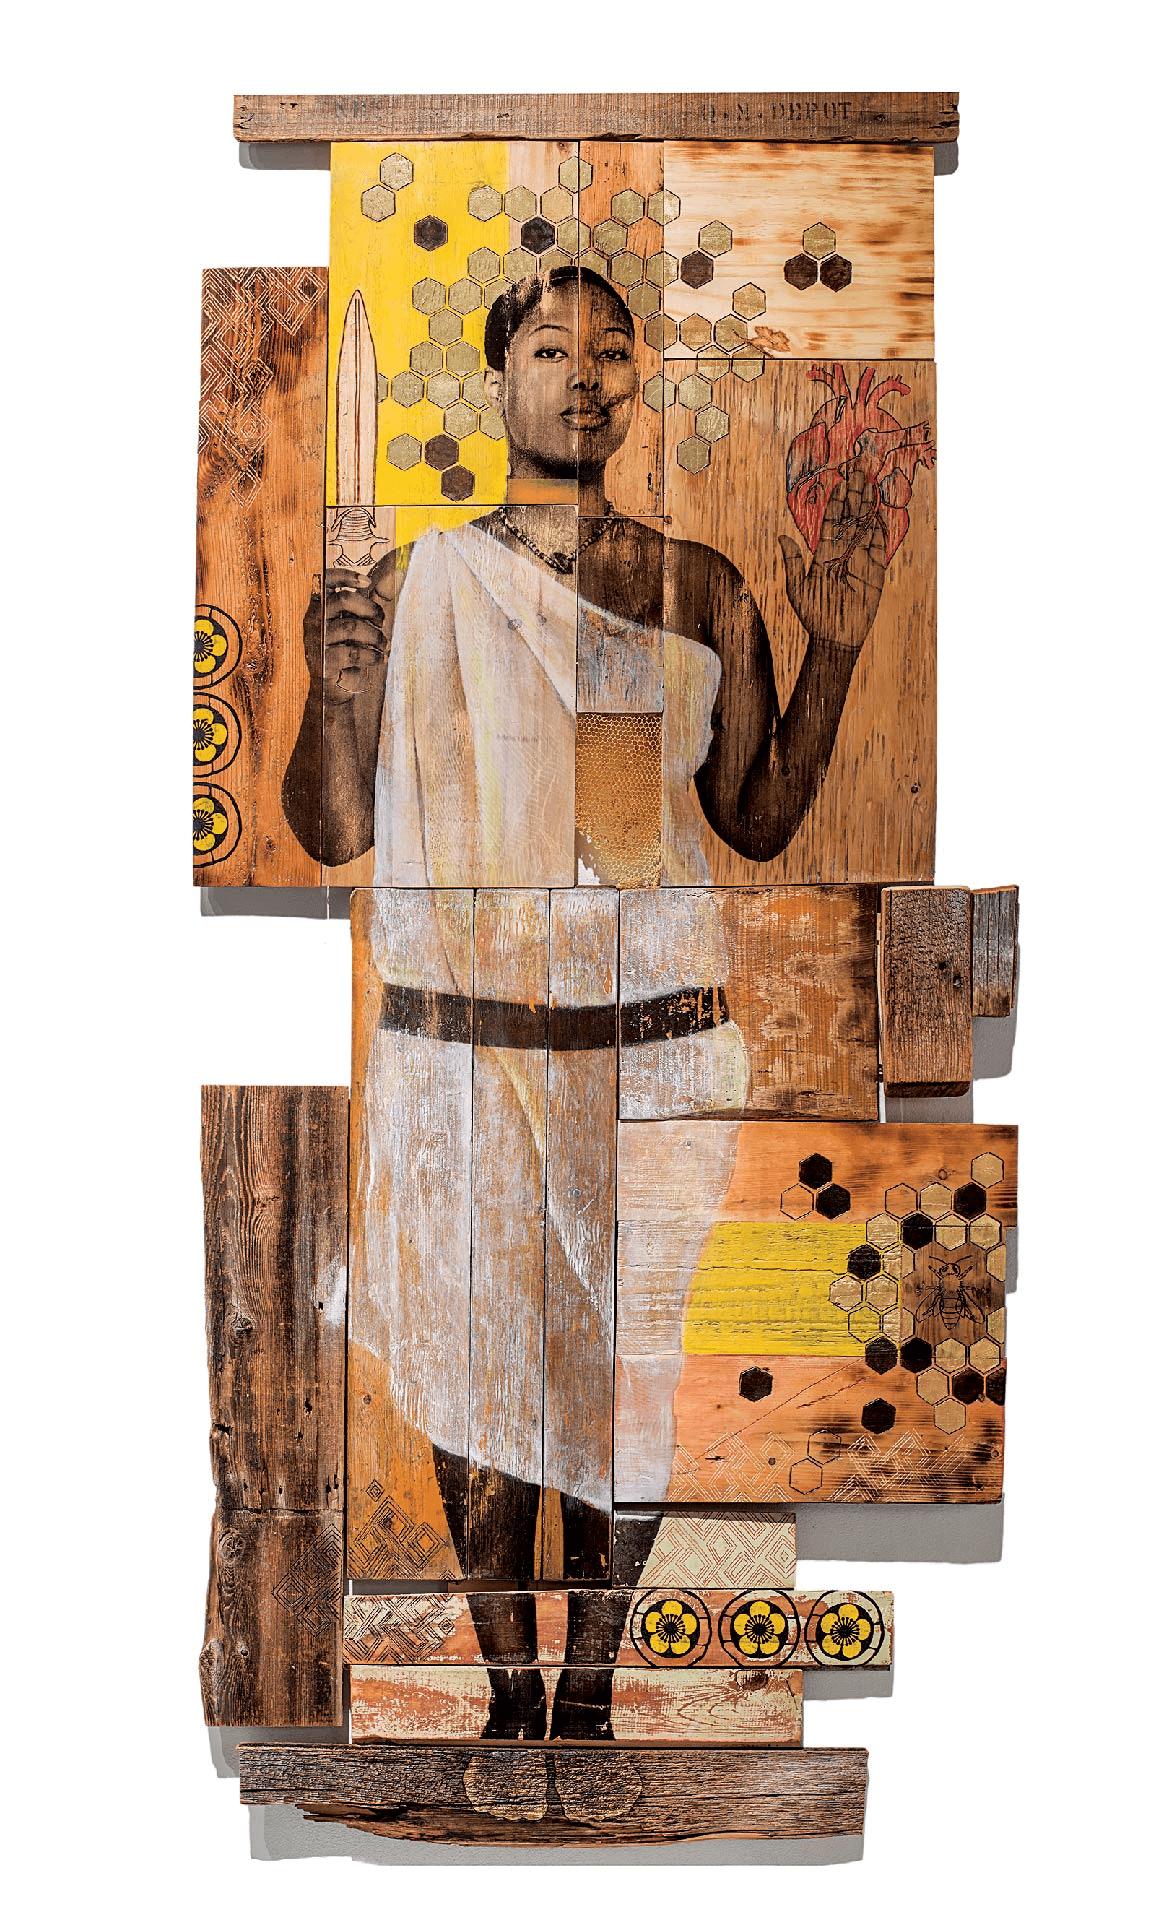 Nous sommes ici, d'ici : L'art contemporain des Noirs canadiens